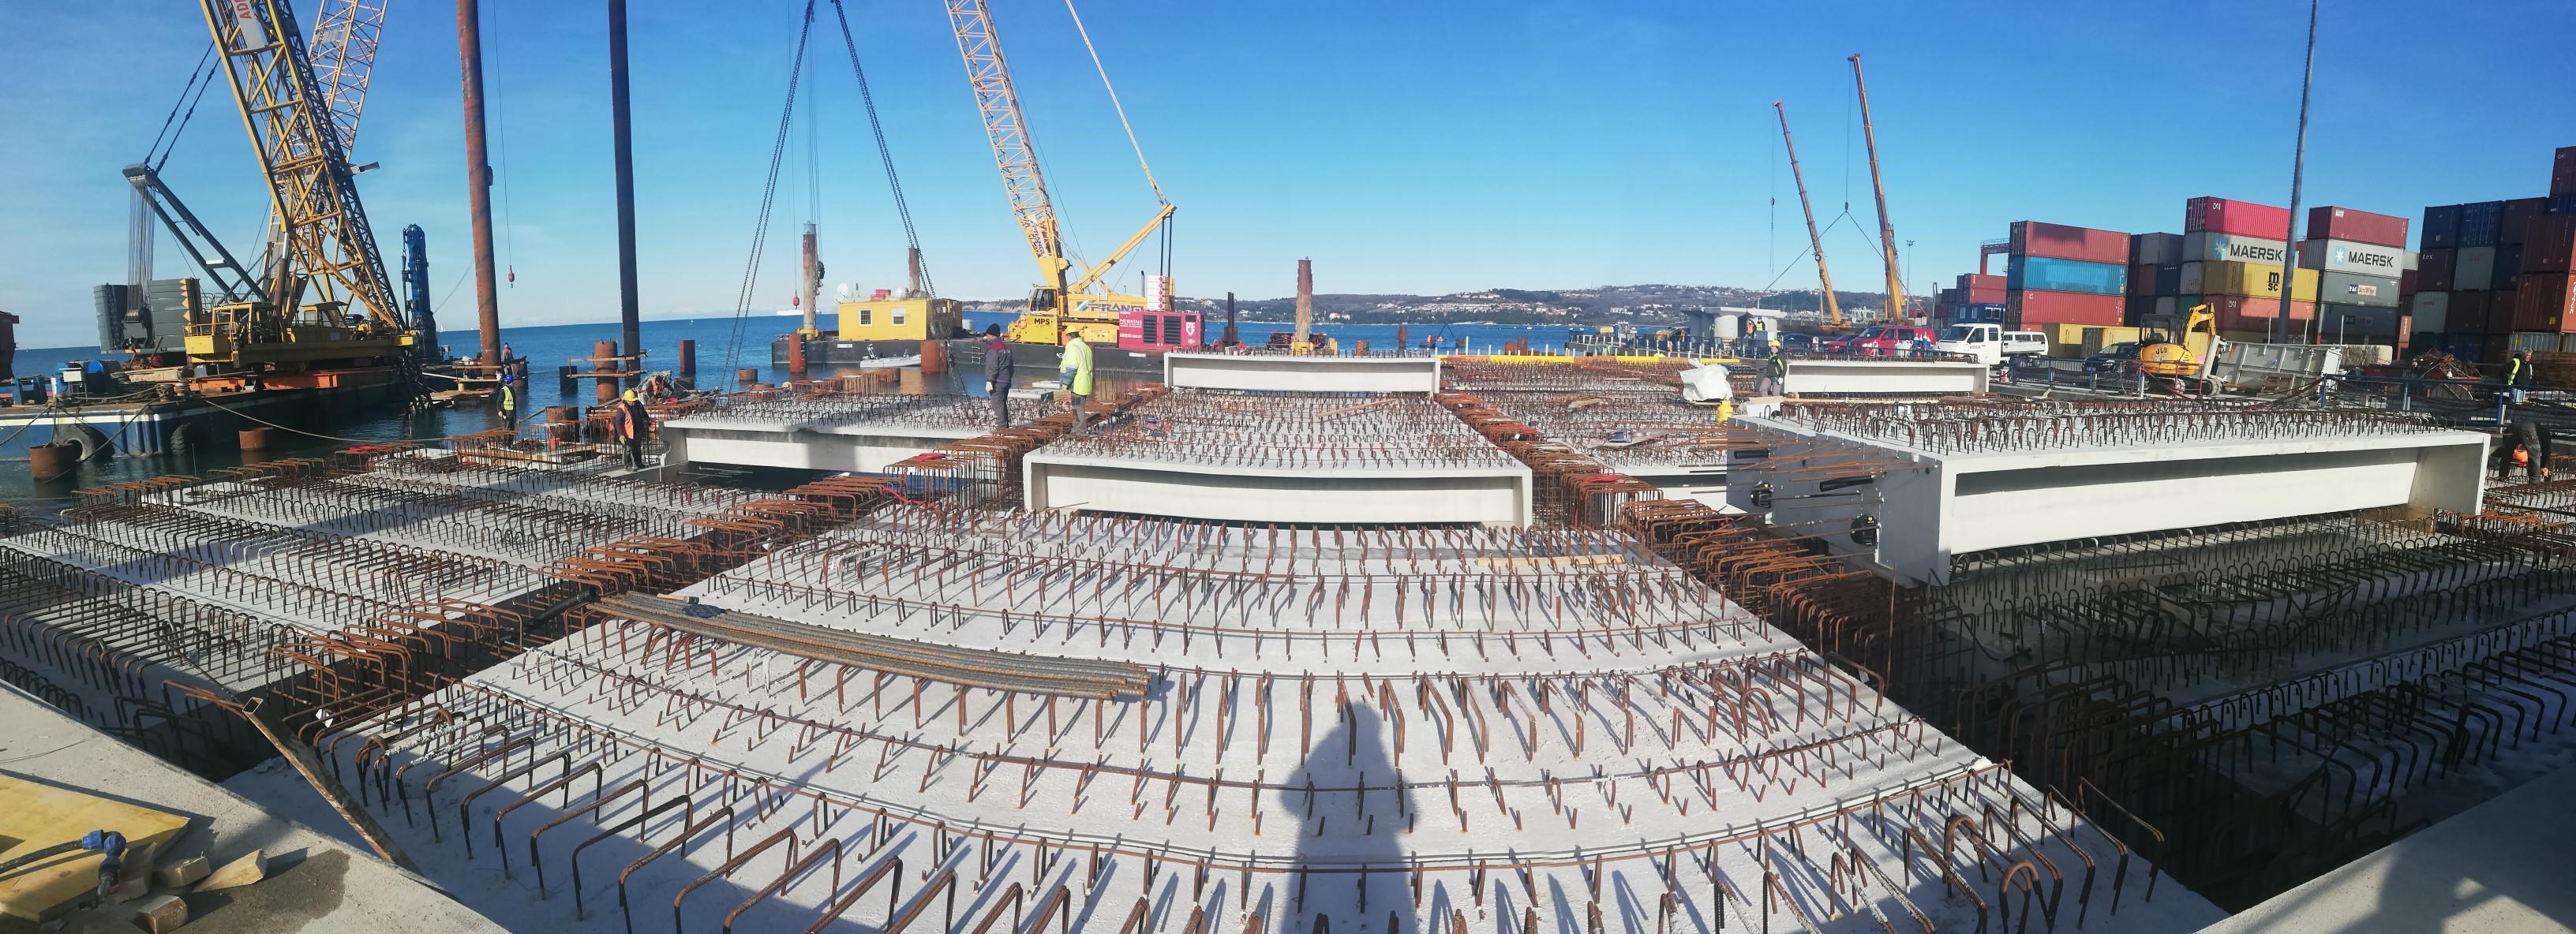 """Fotografija v sklopu """"Posebni infrastrukturni objekti"""" z nazivom """"IMG_20210115_121053"""""""